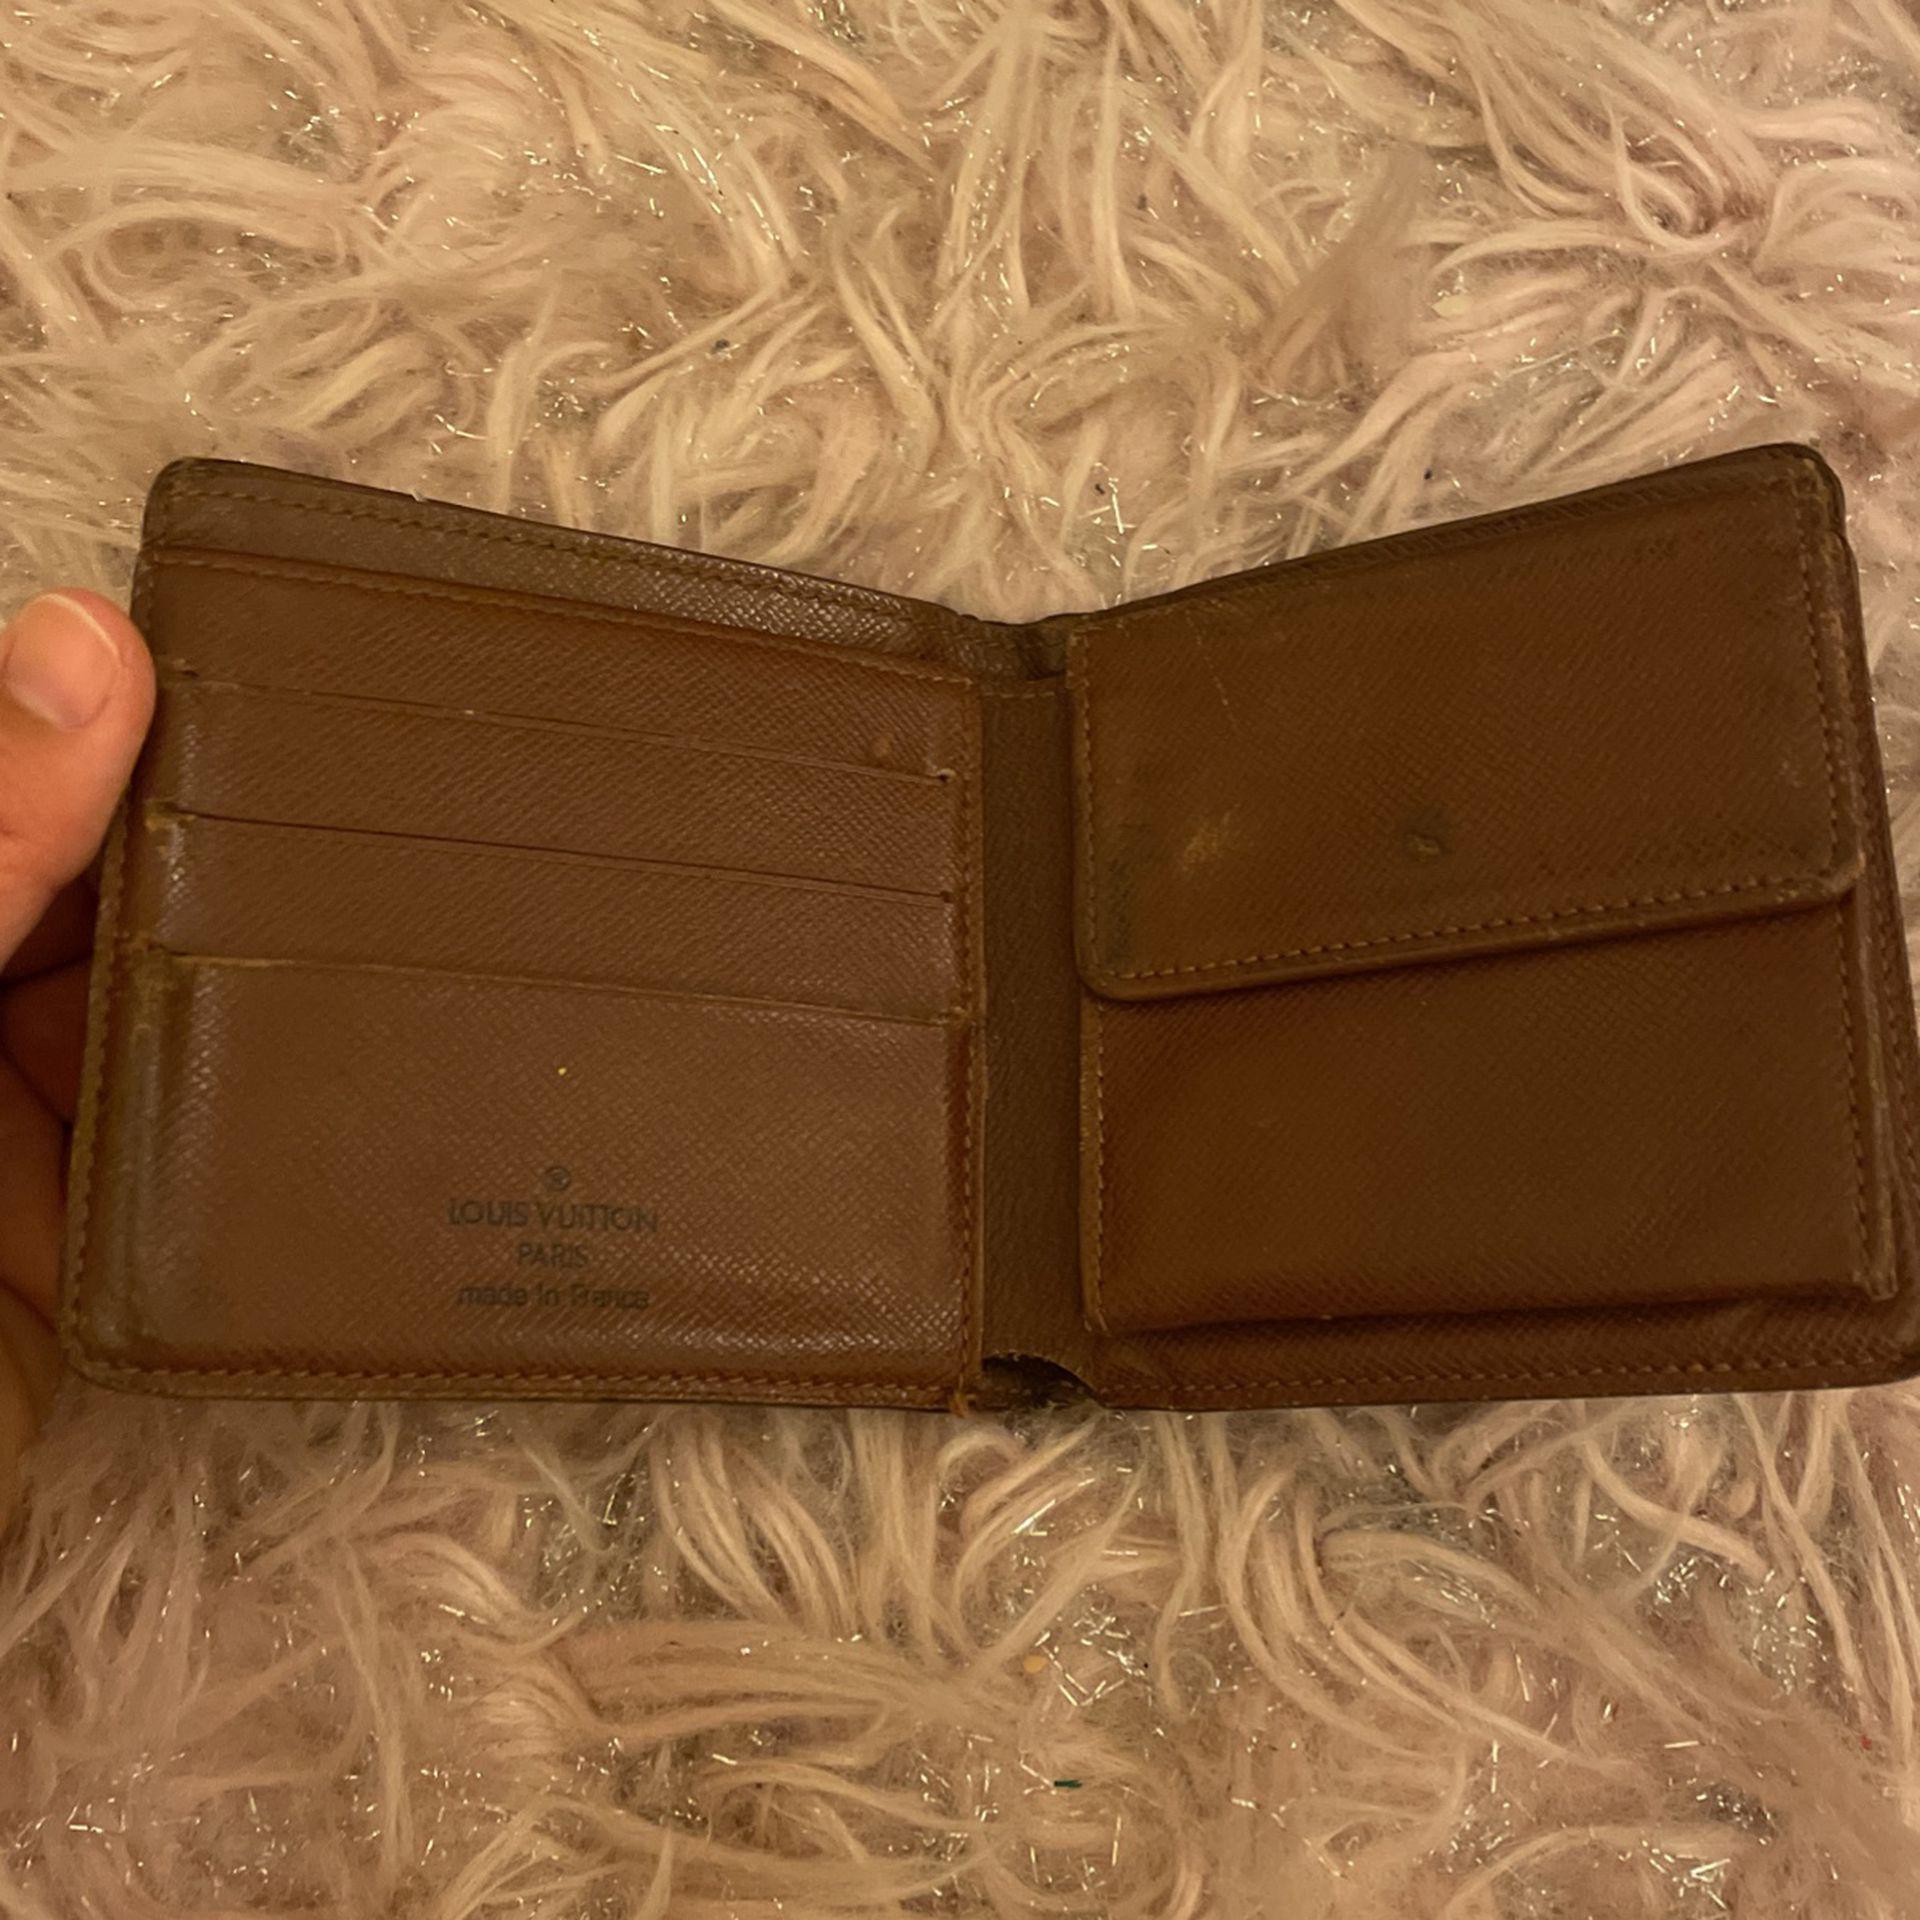 Louis Vuitton Wallets/keychain Holder Set